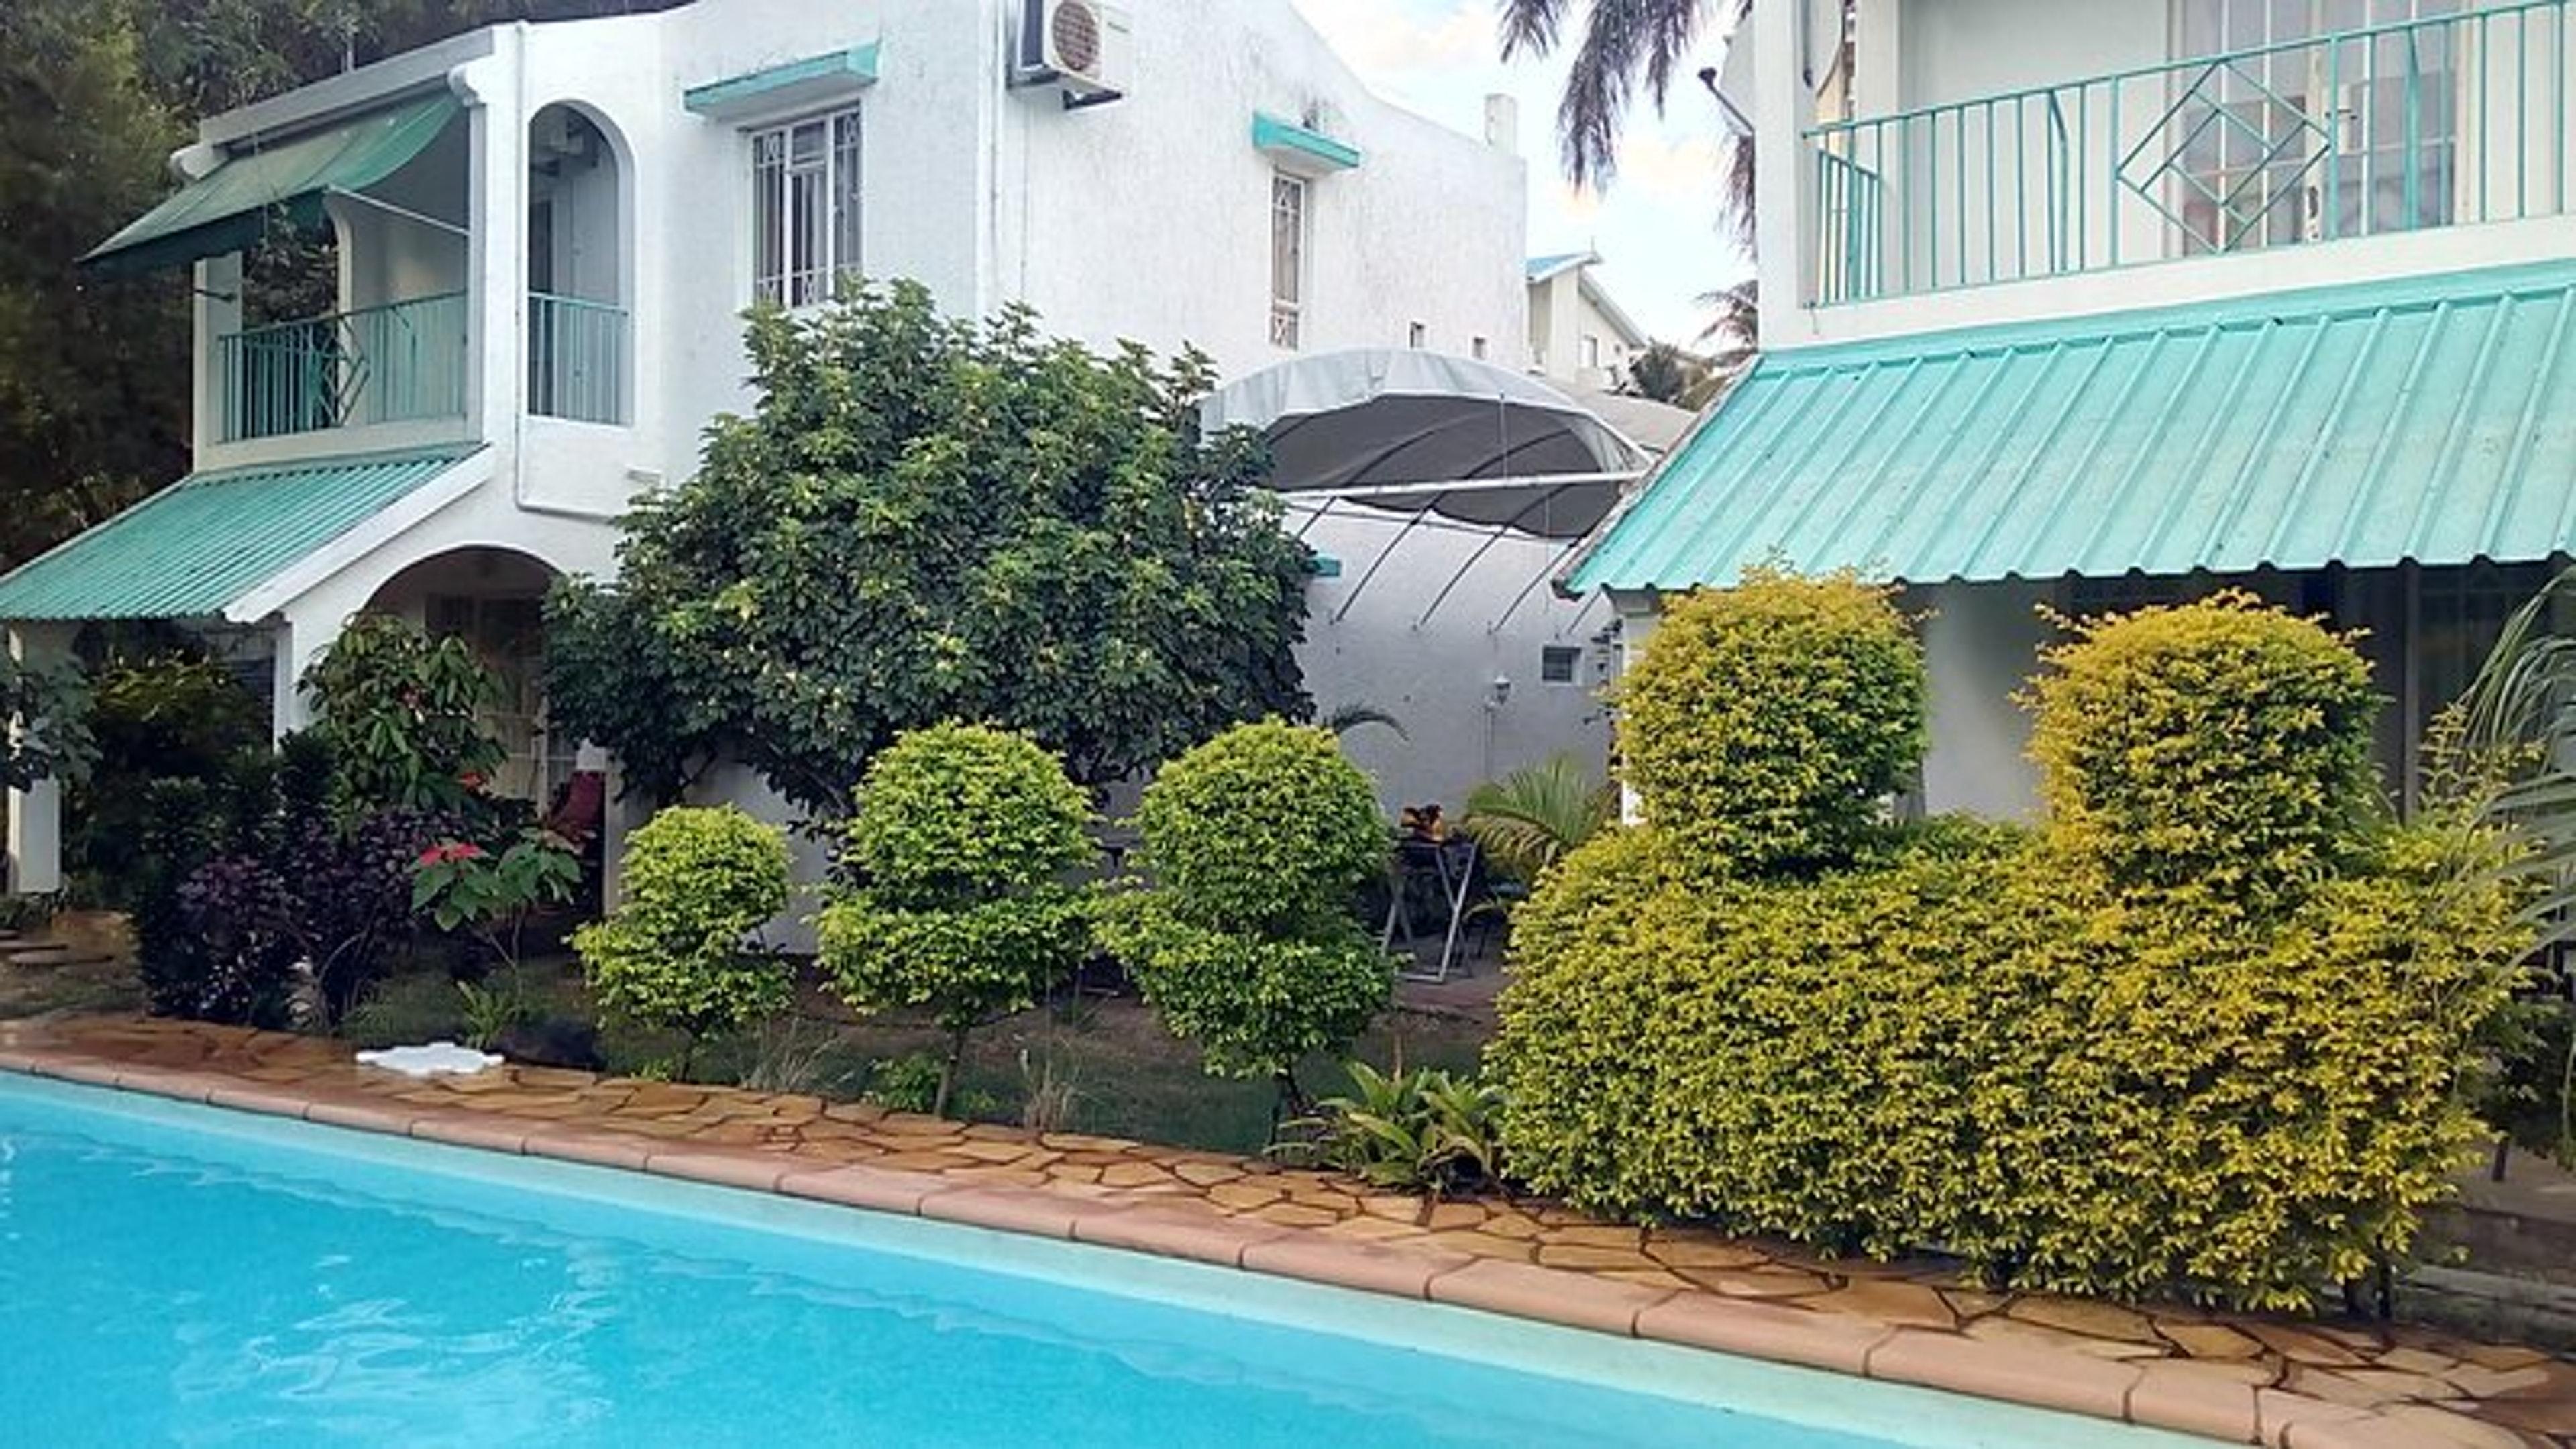 Haus mit 3 Schlafzimmern in Flic en Flac mit Pool, Ferienhaus in Afrika